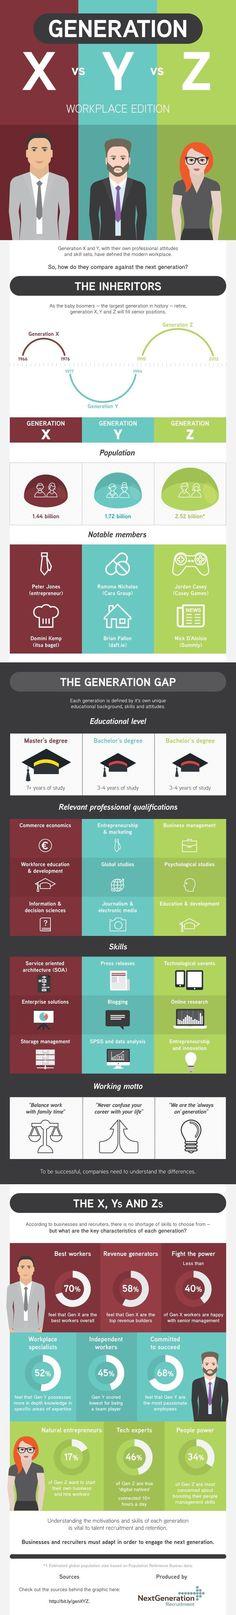 Business and management infographic & data visualisation Generation X vs Y vs Z Workplace (#Infographic... Infographic Description Les différentes générati